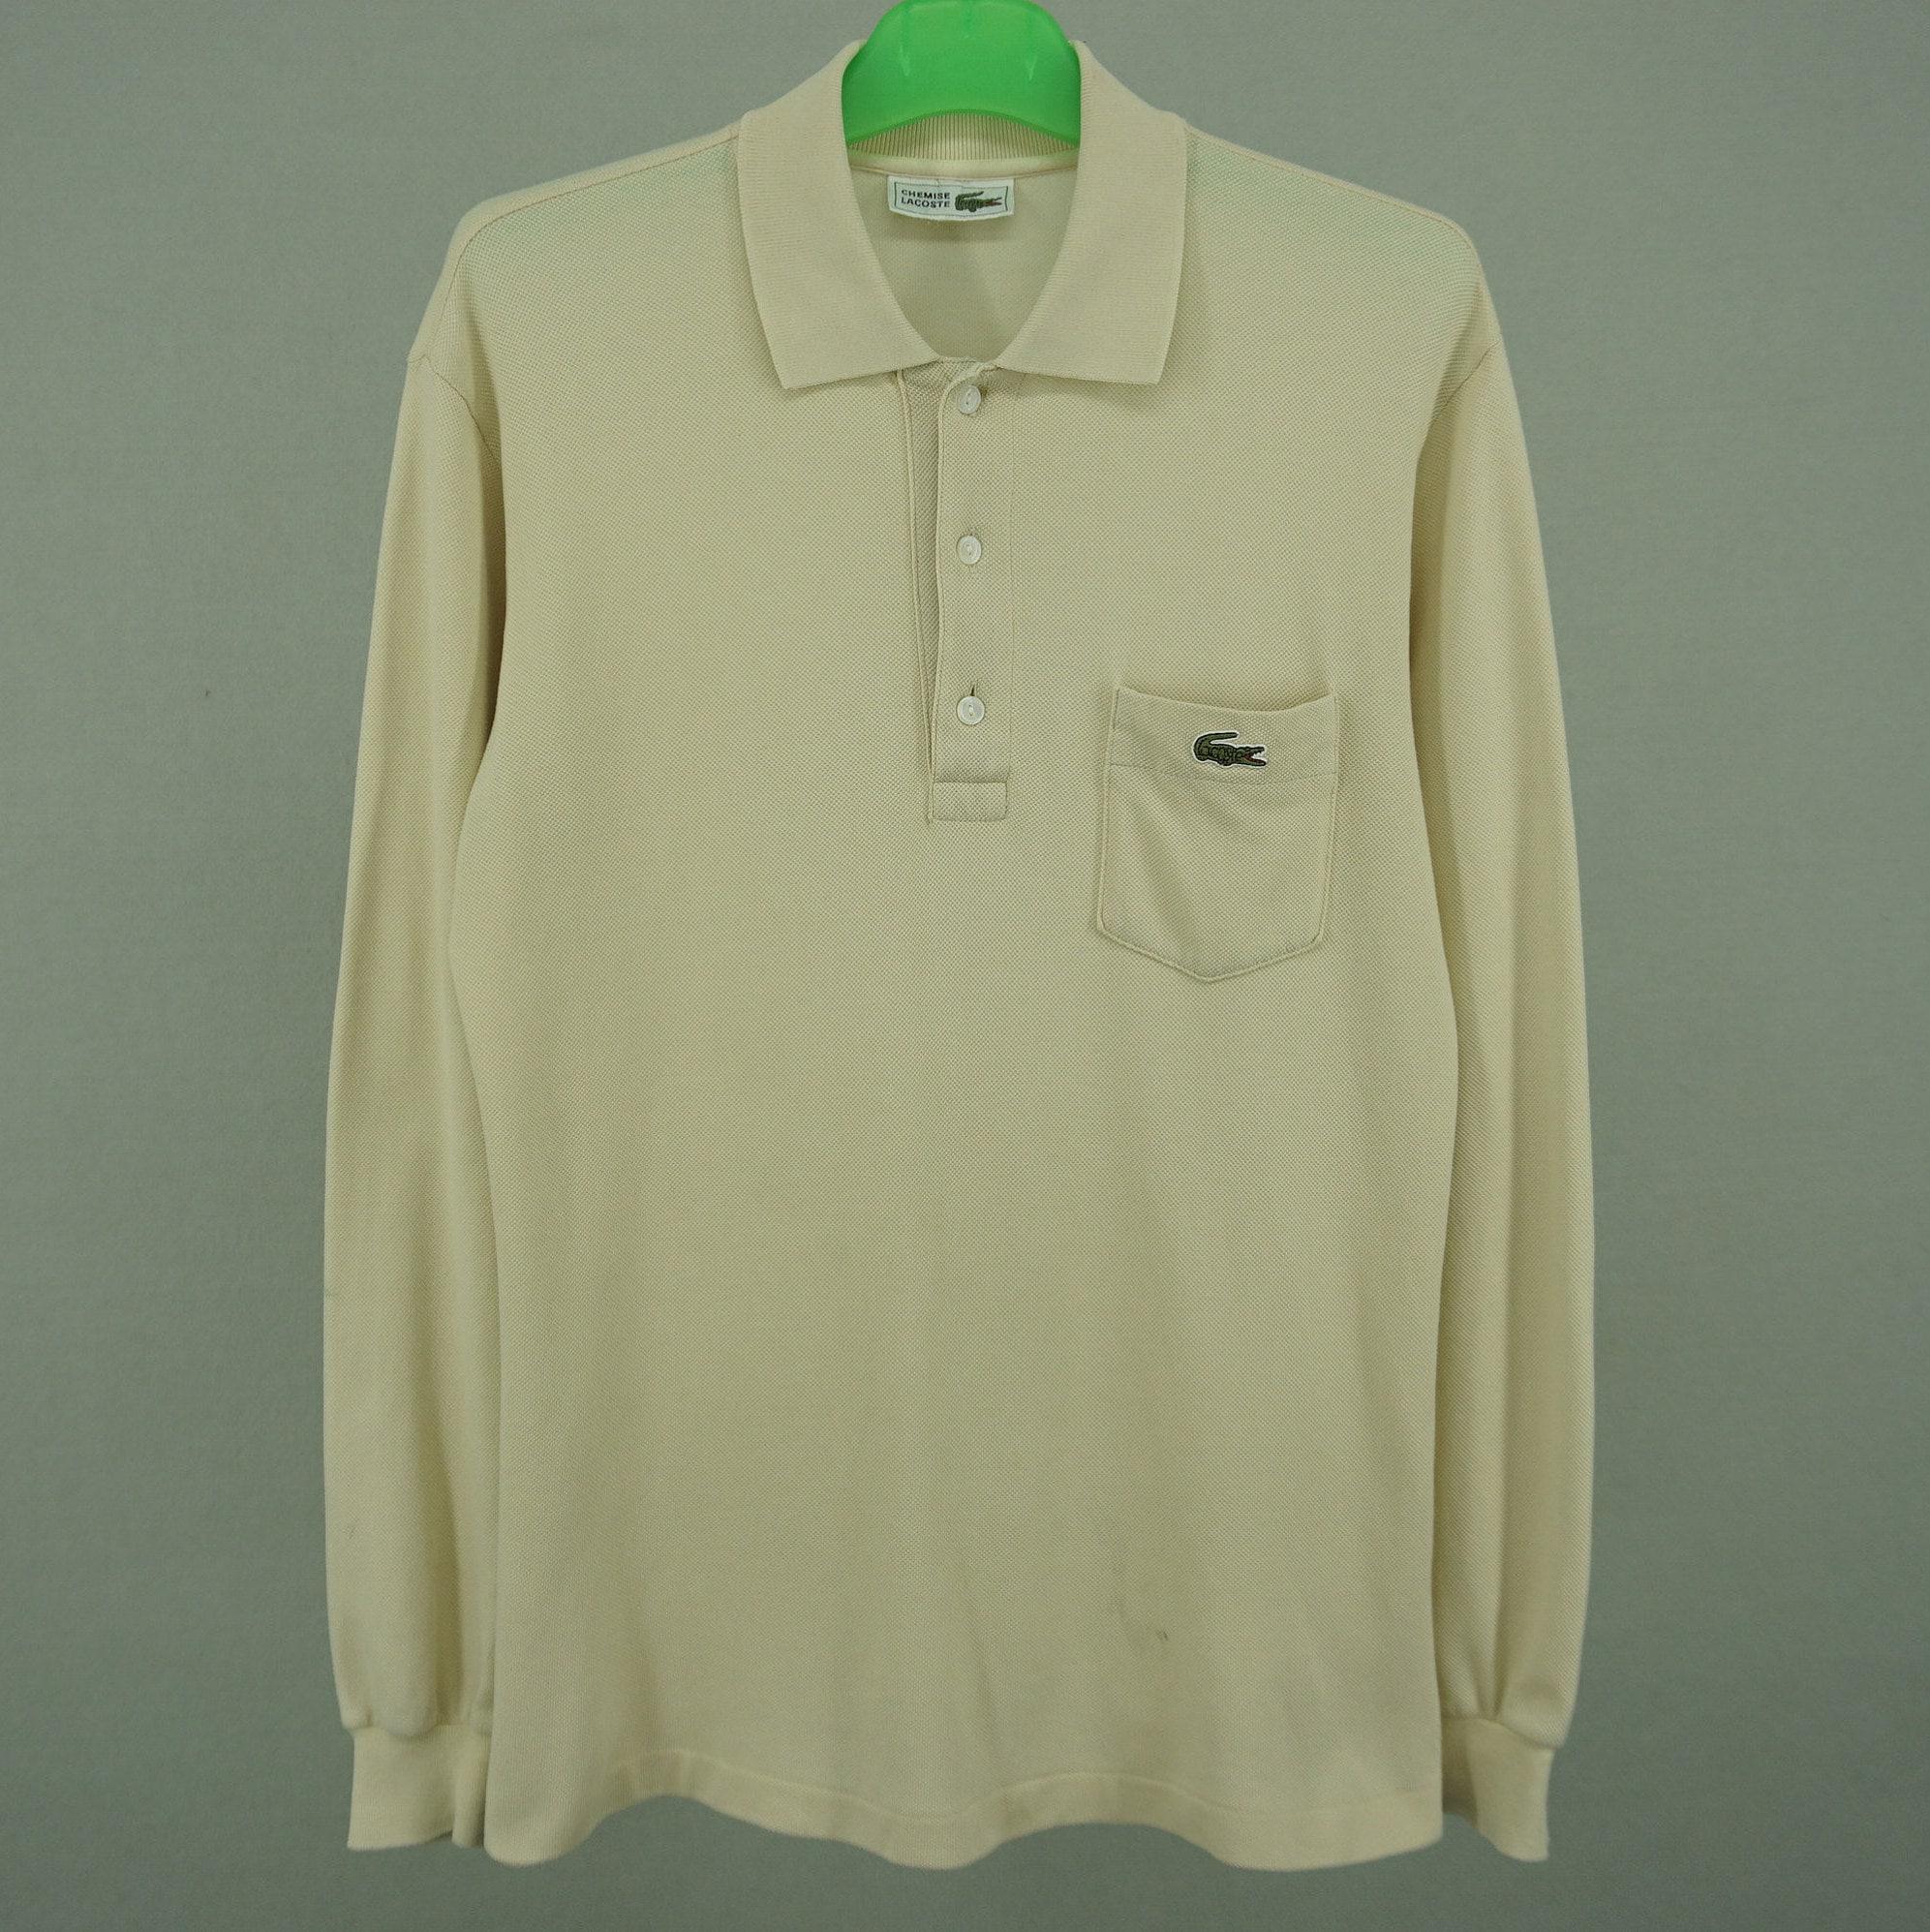 cd157585d7fed Lacoste Polo Shirt Men Size M/L 90s Lacoste Shirt Vintage Chemise Lacoste  Golf Shirt Long Sleeve